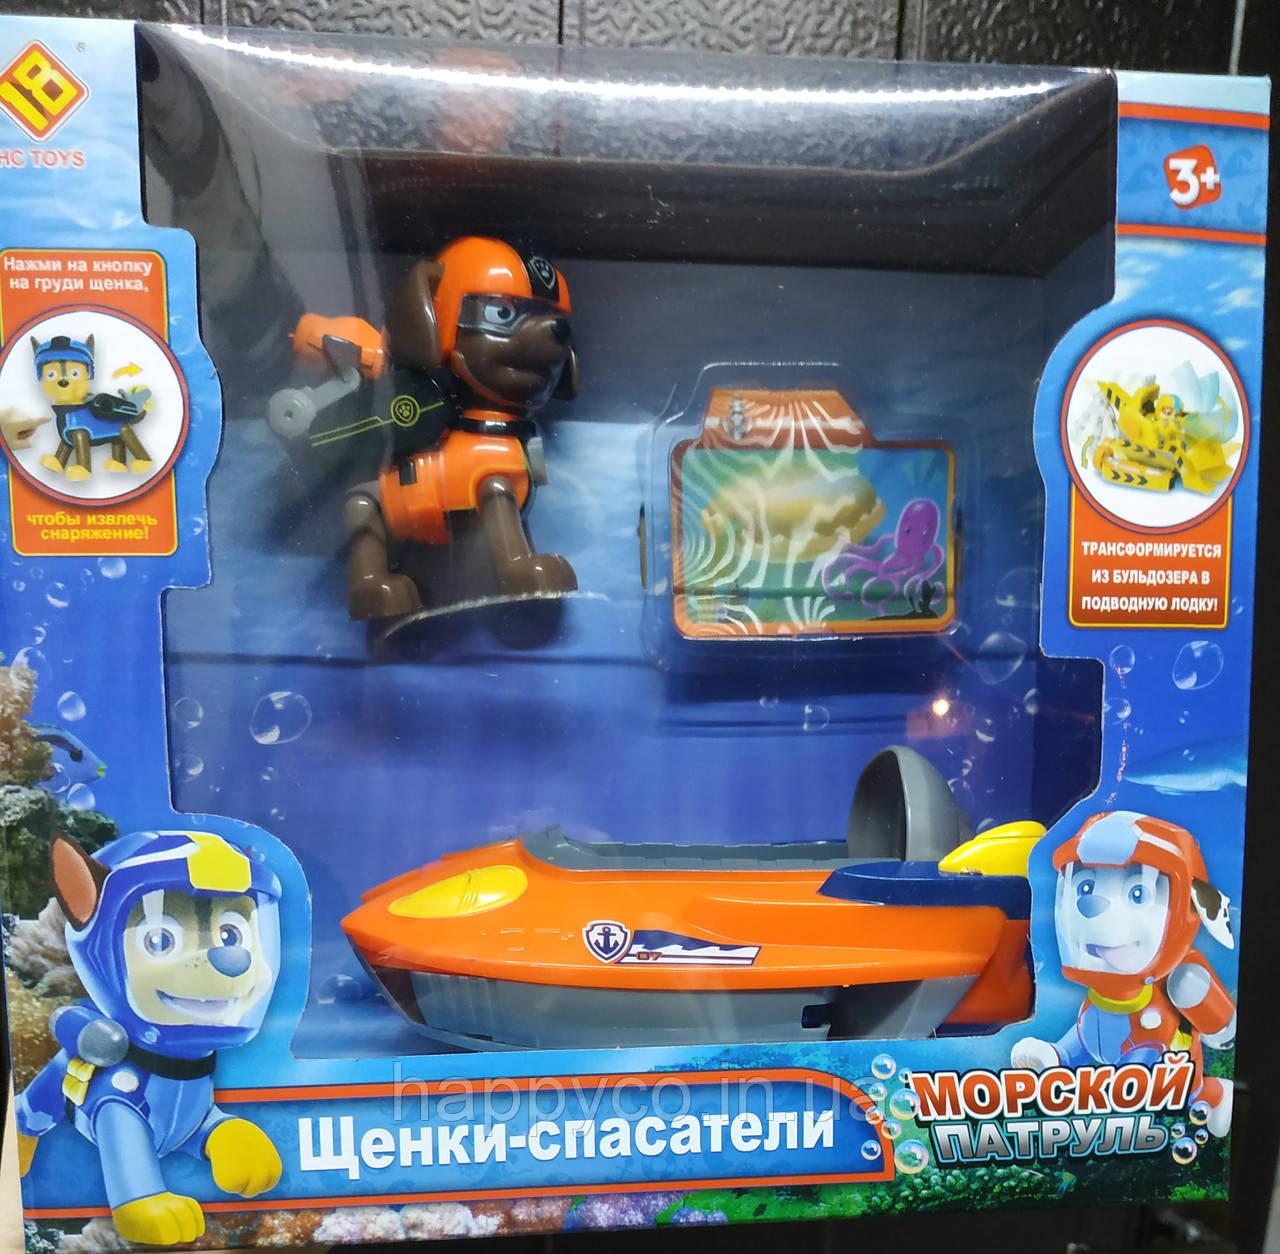 Герои Морской патруль, свет, звук, открывается рюкзачок,  Зума ,детская игрушка